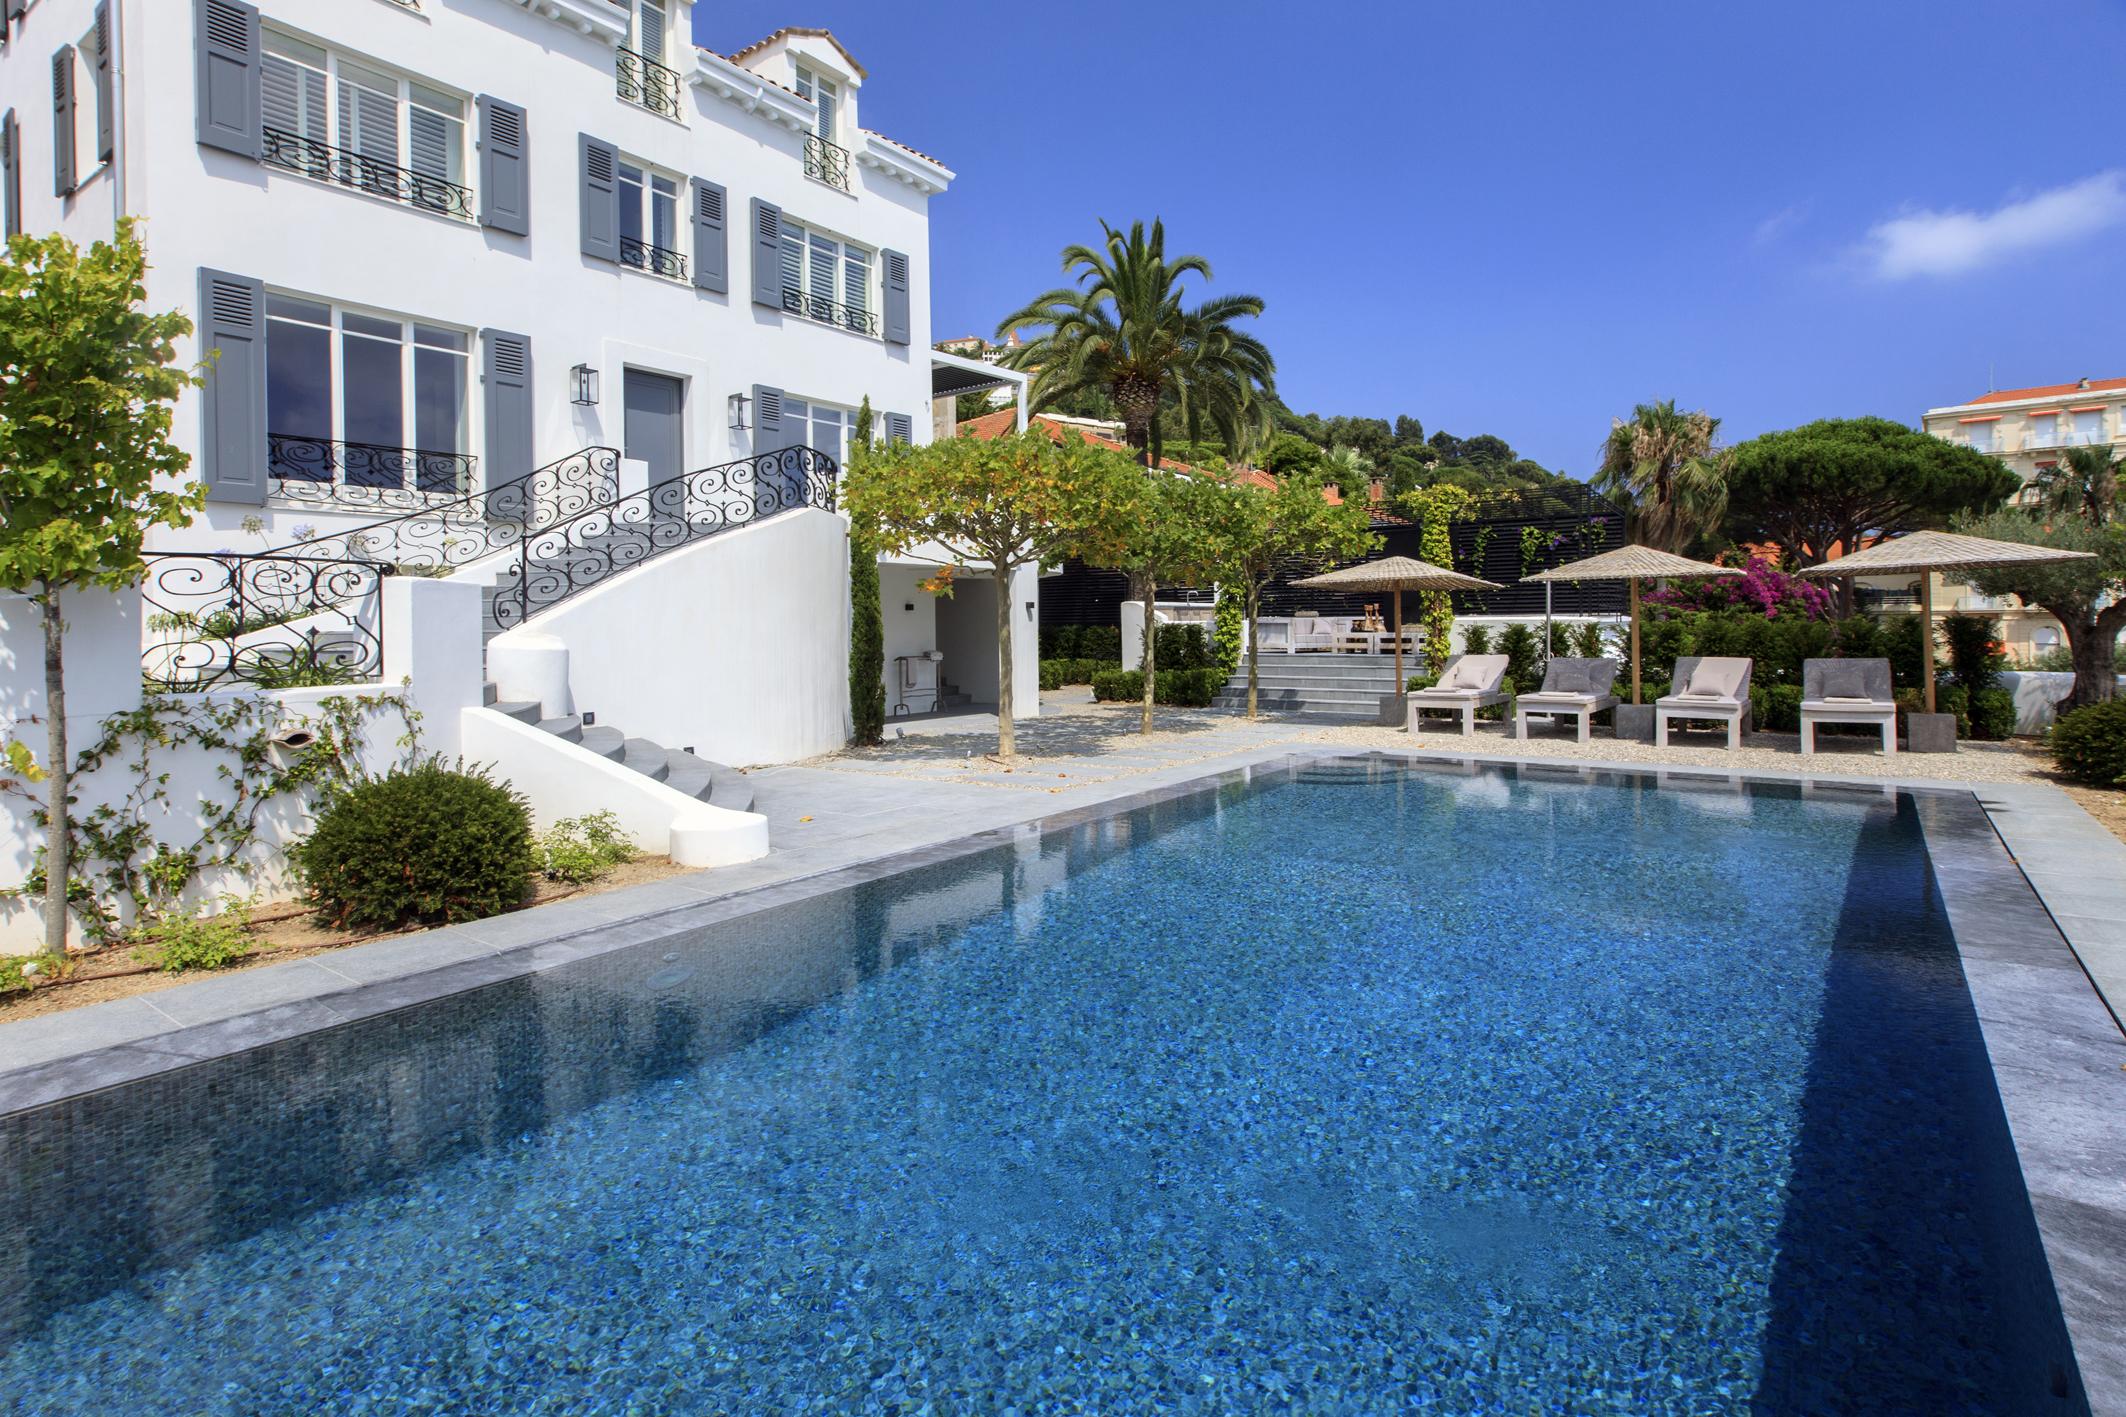 Estee Lauder Villa in Cannes